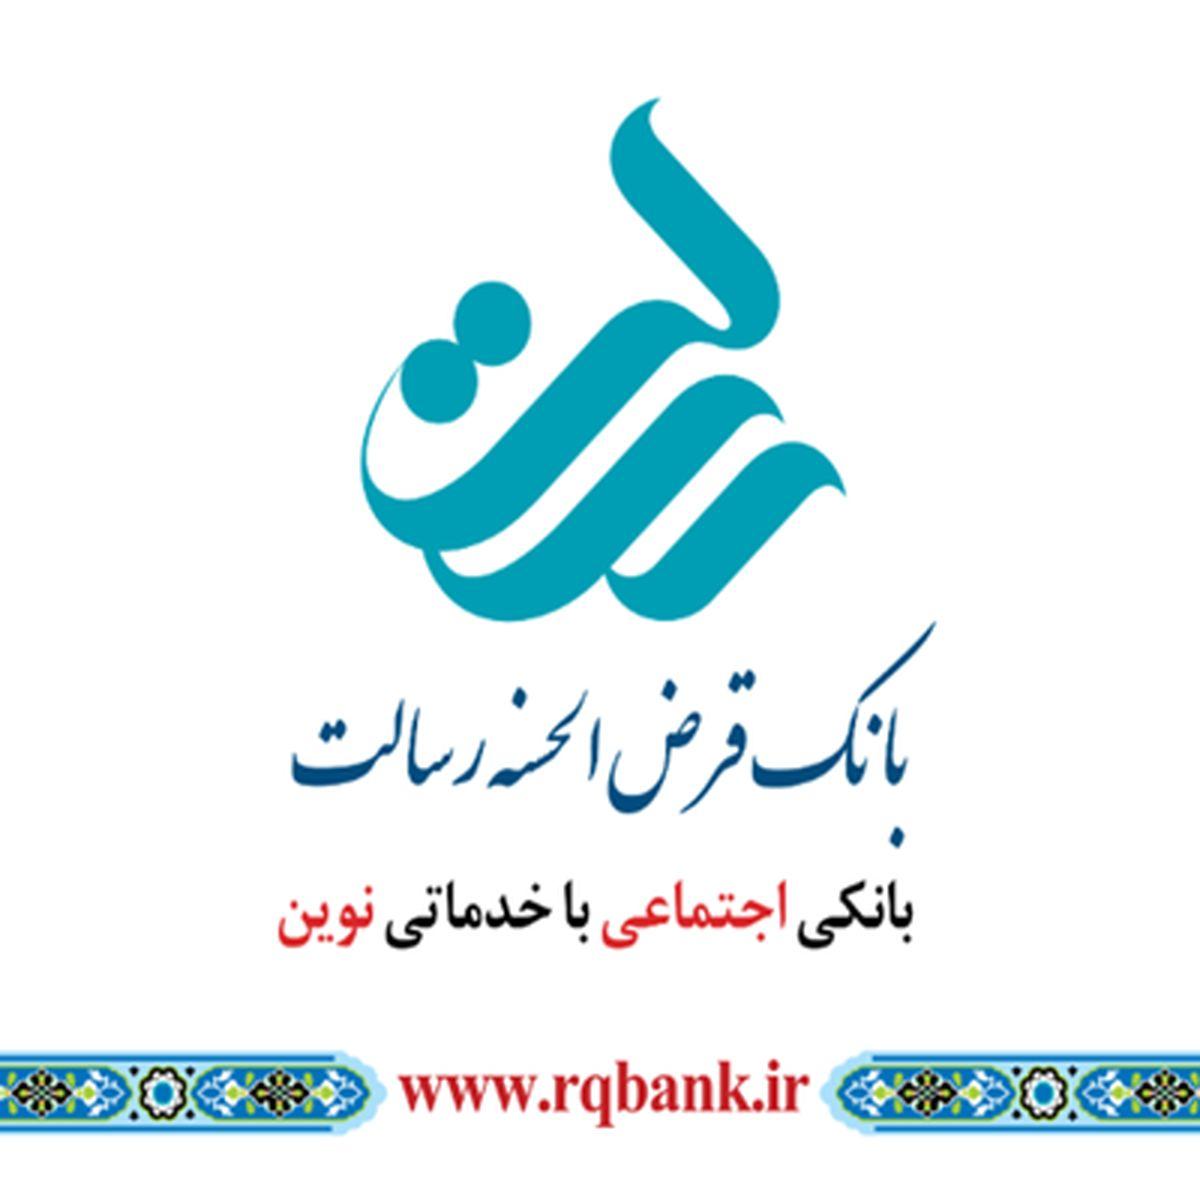 حذف یک میلیون تردد درون شهری با نخستین بانک دیجیتال ایران